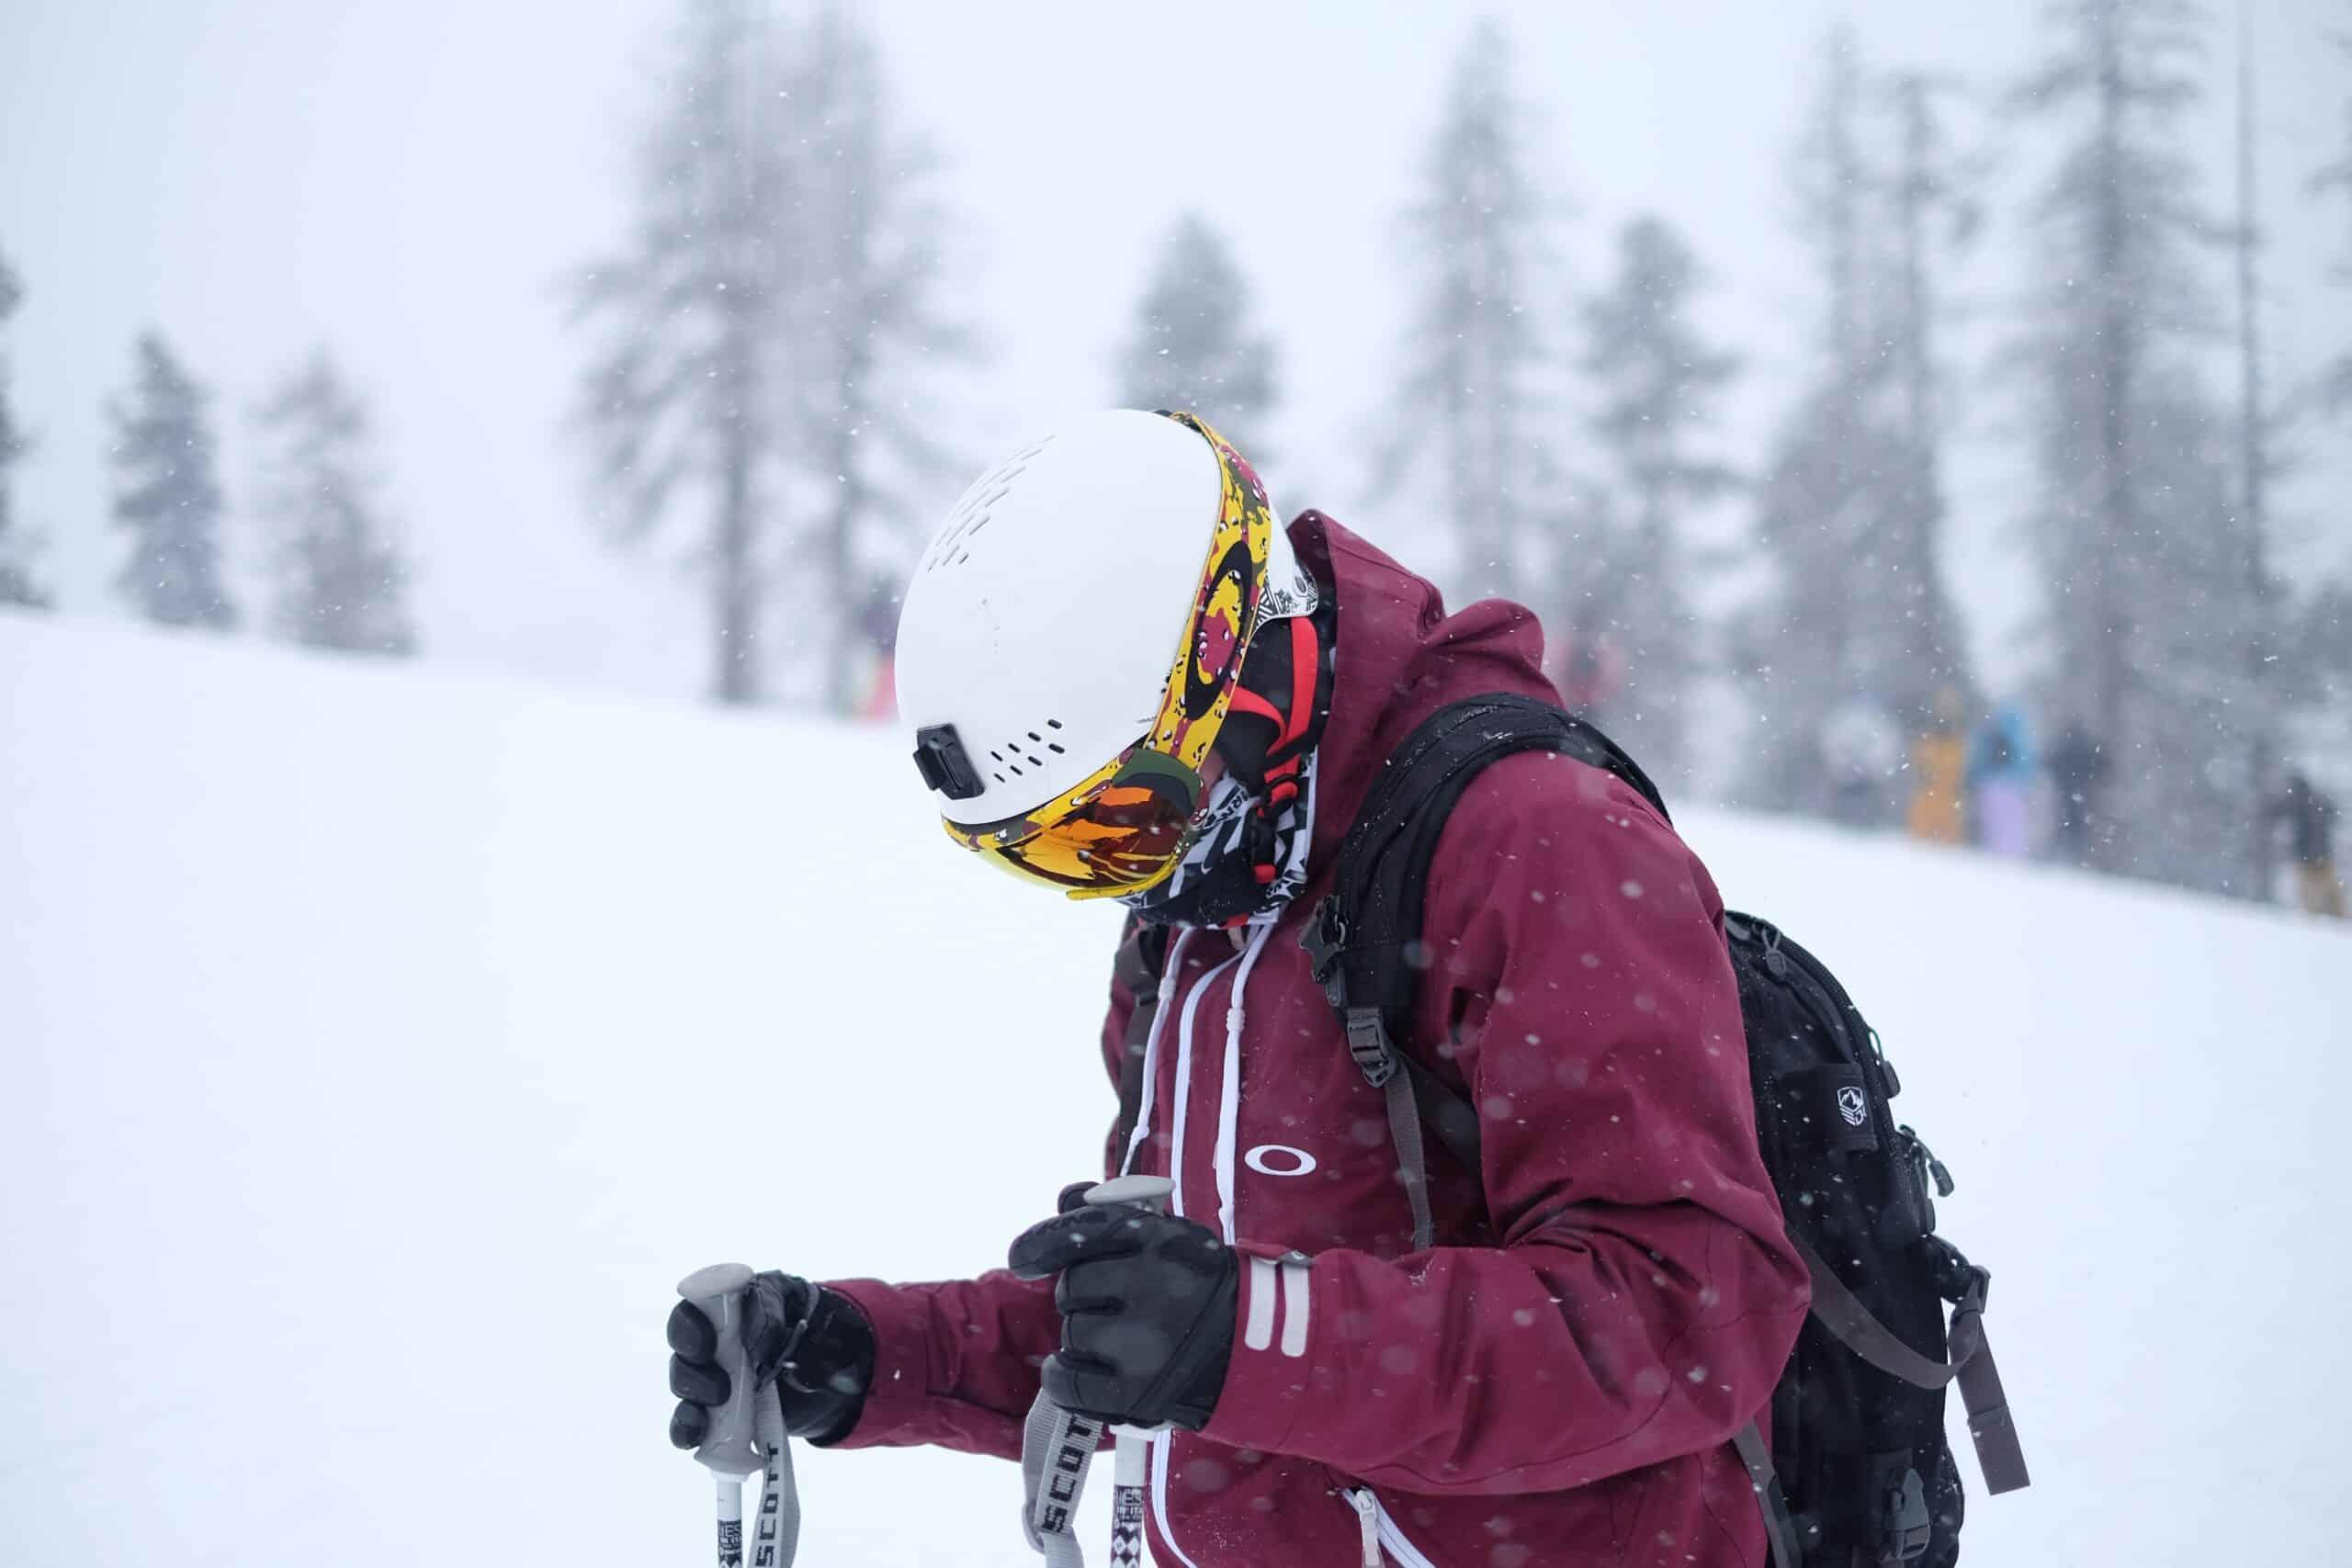 Man in ski goggles in low light